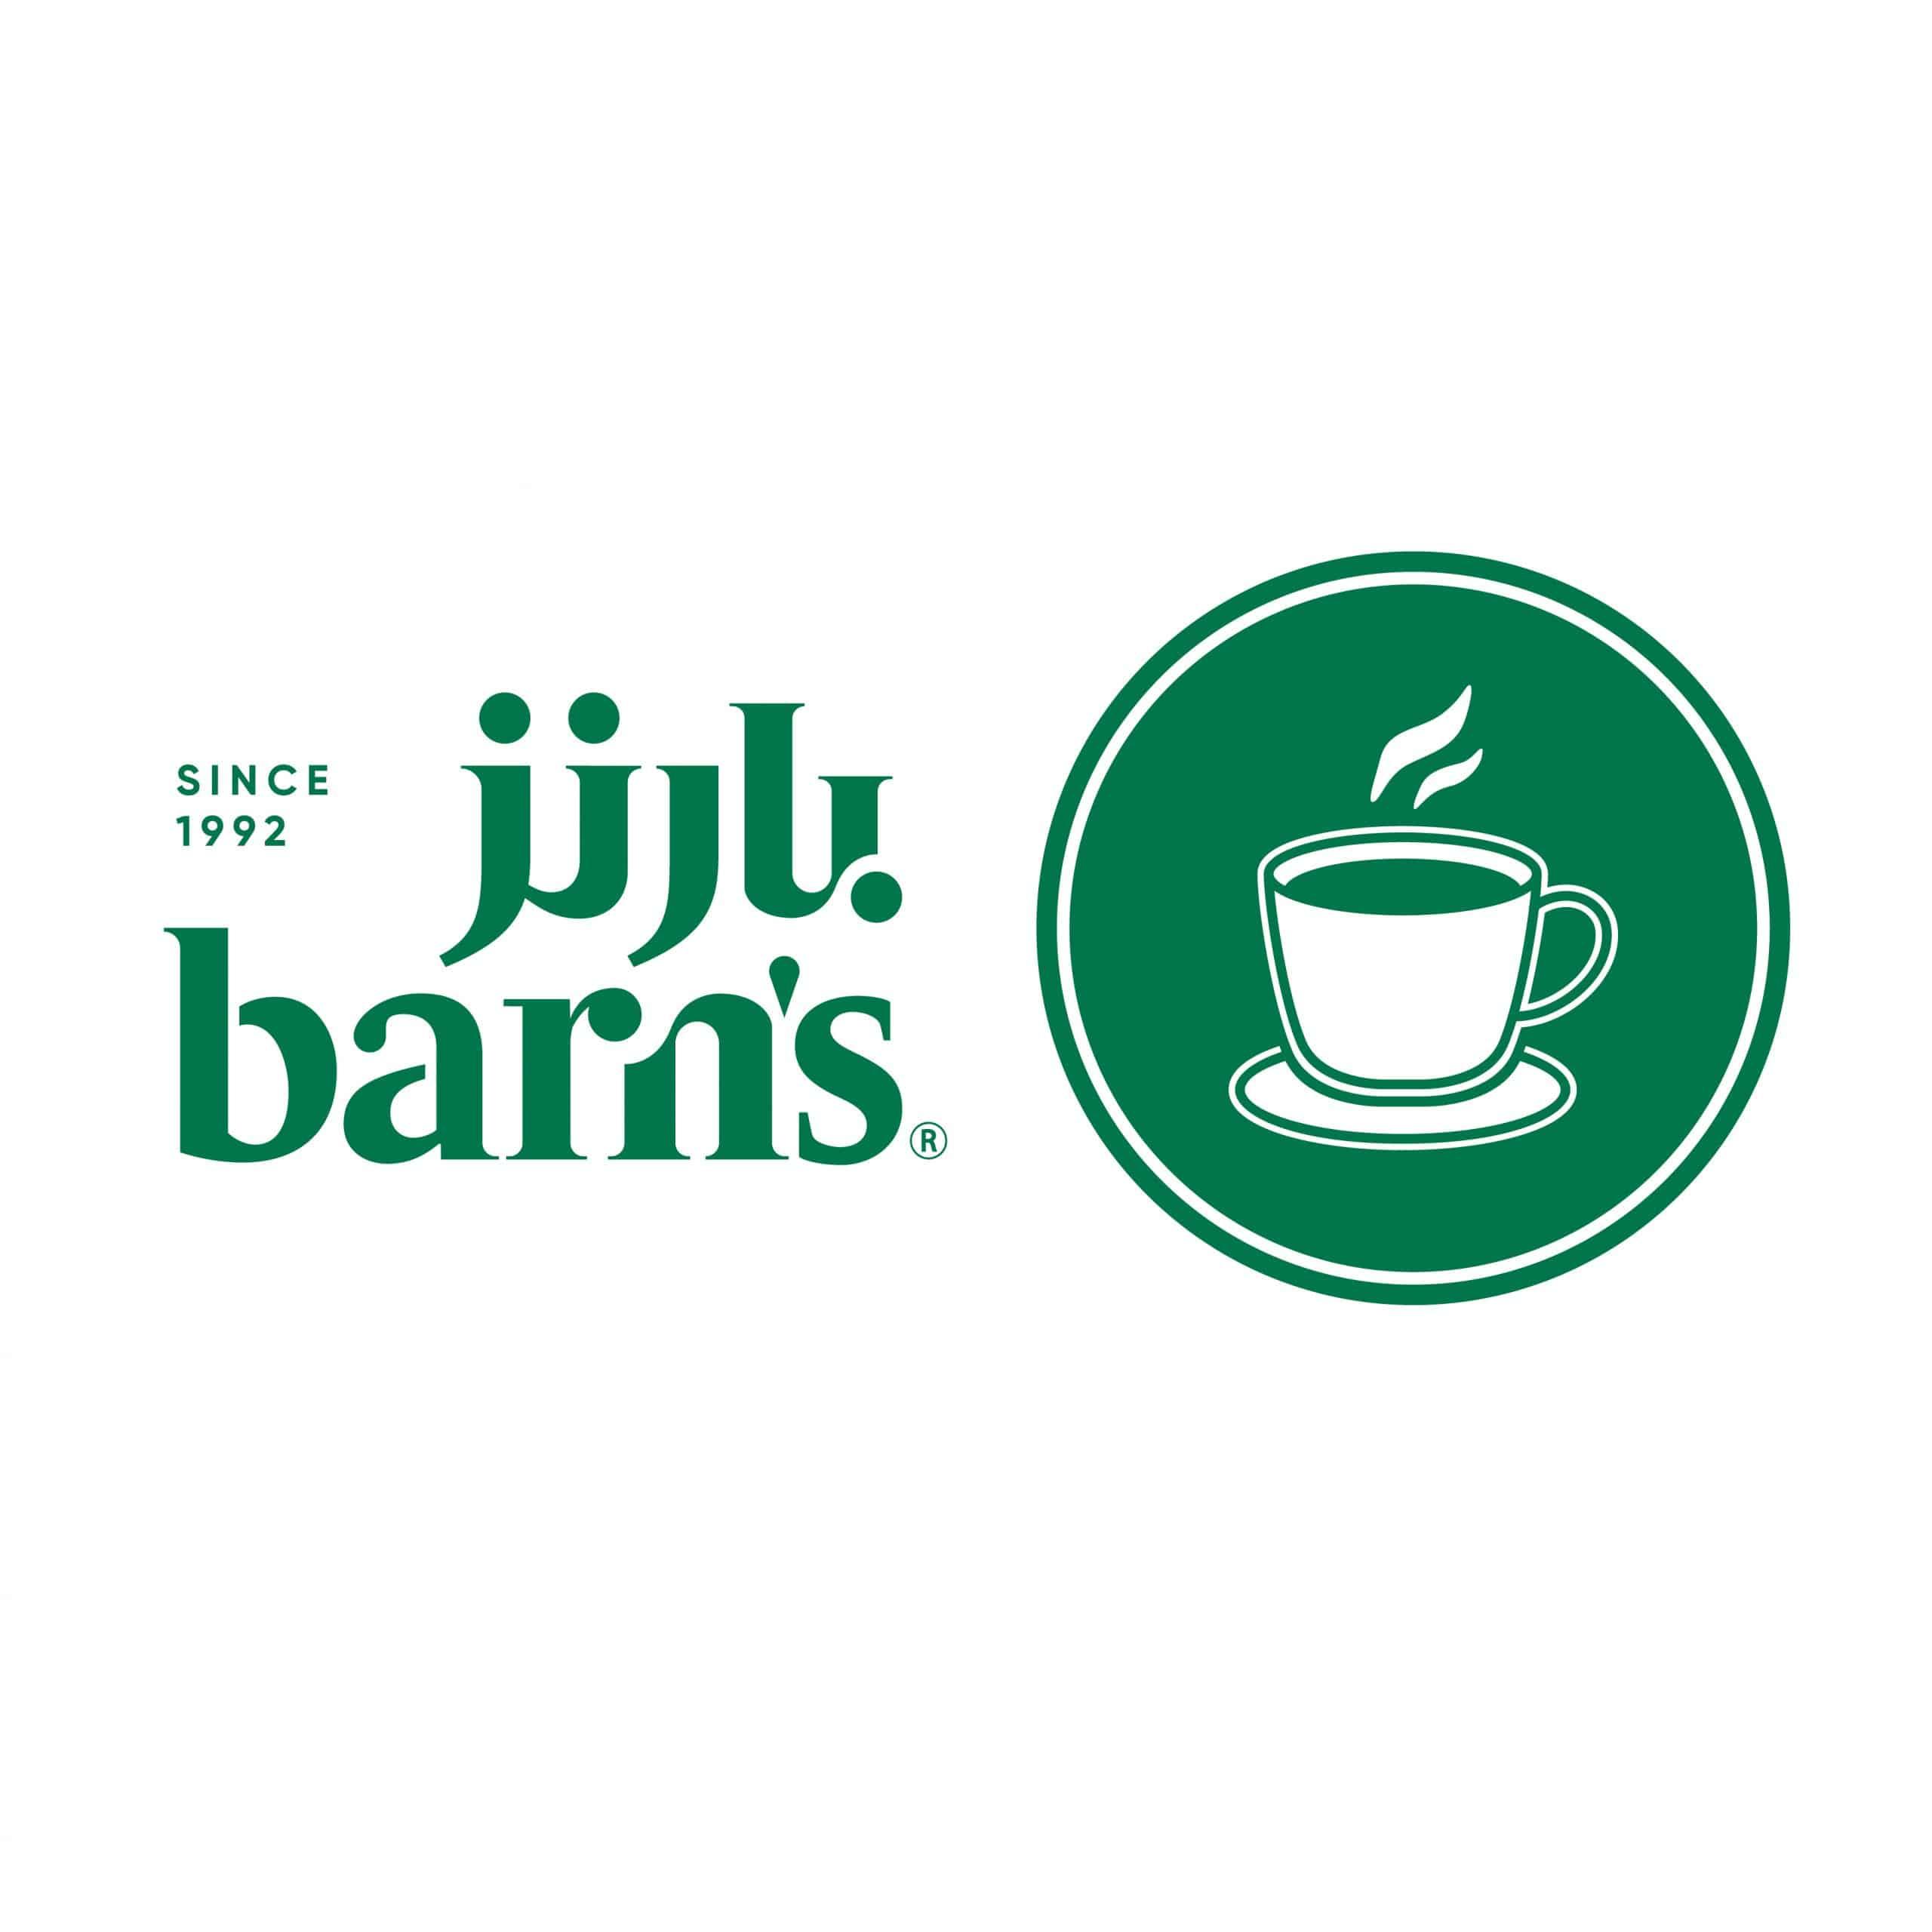 بارنز Barn's - Al-Semairi ينبع